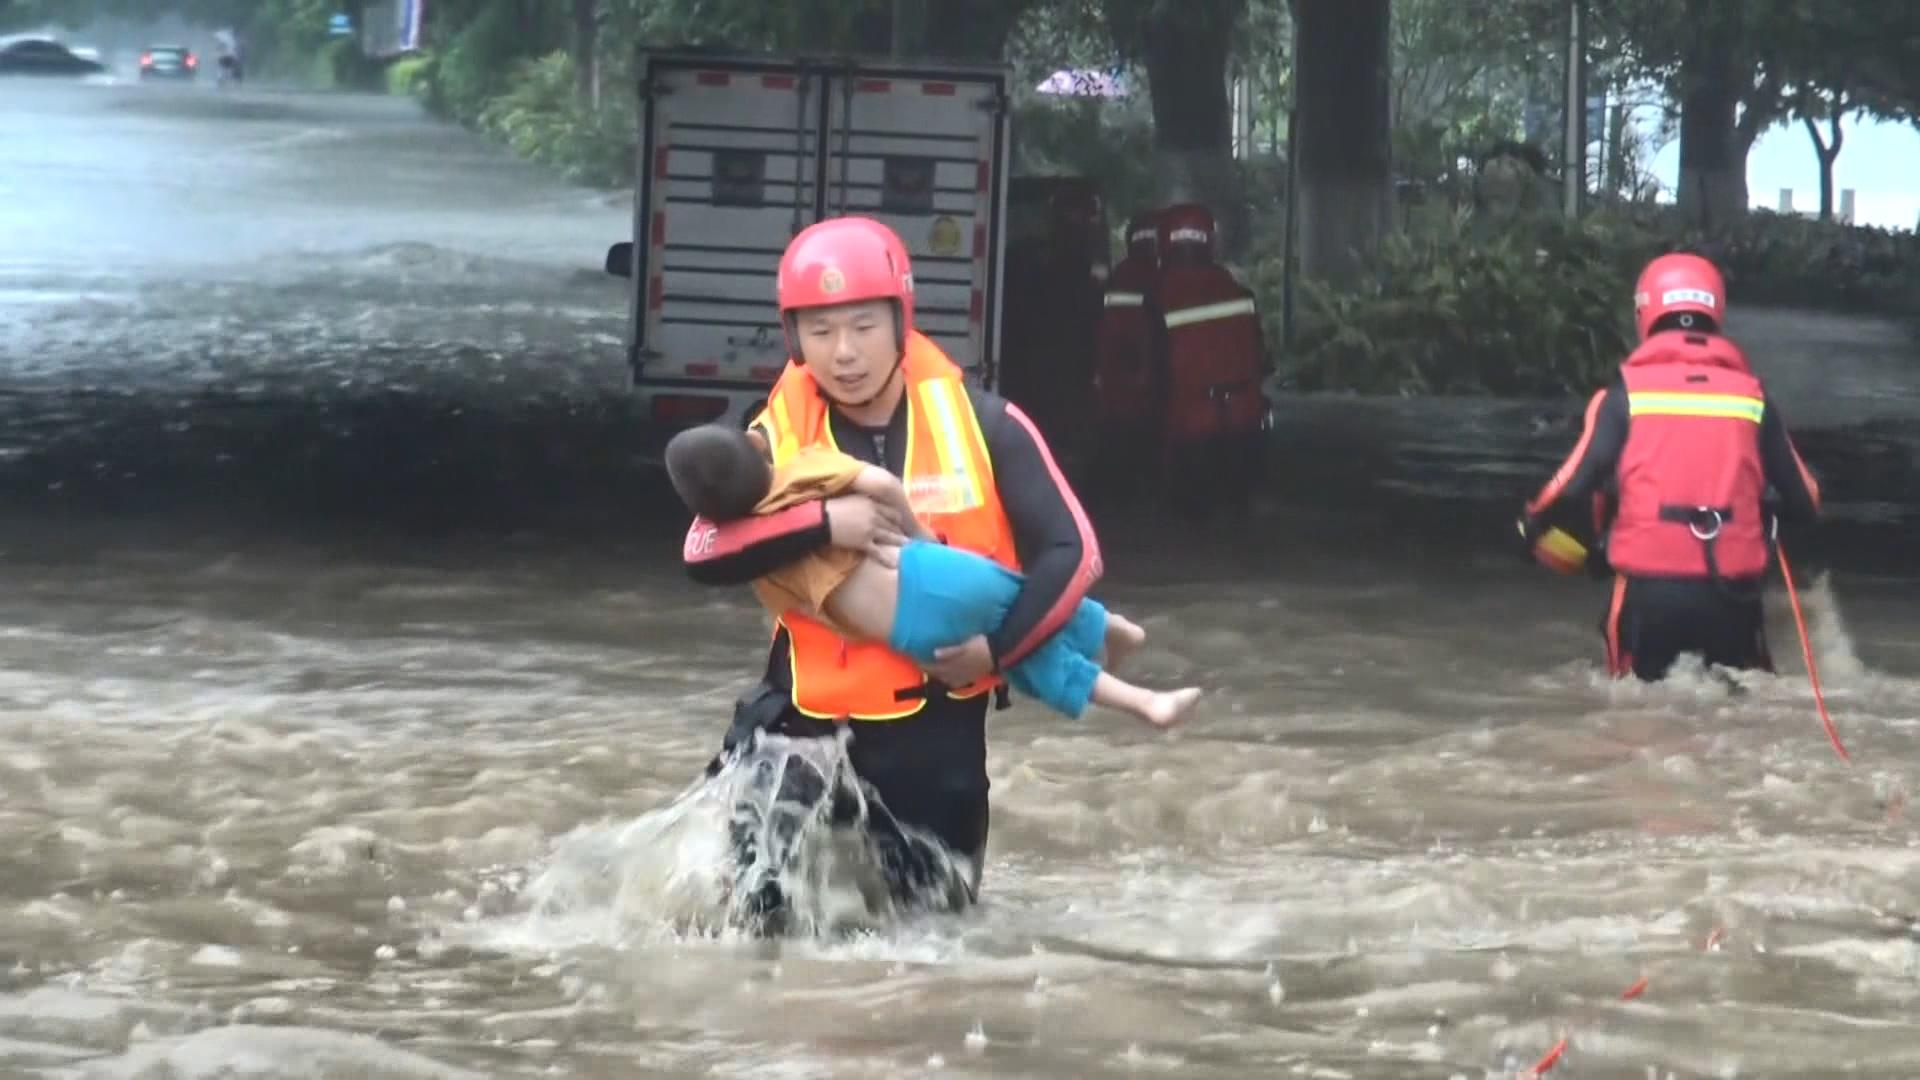 央视新闻客户端广西北流城区内涝多人被困 消防紧急救援